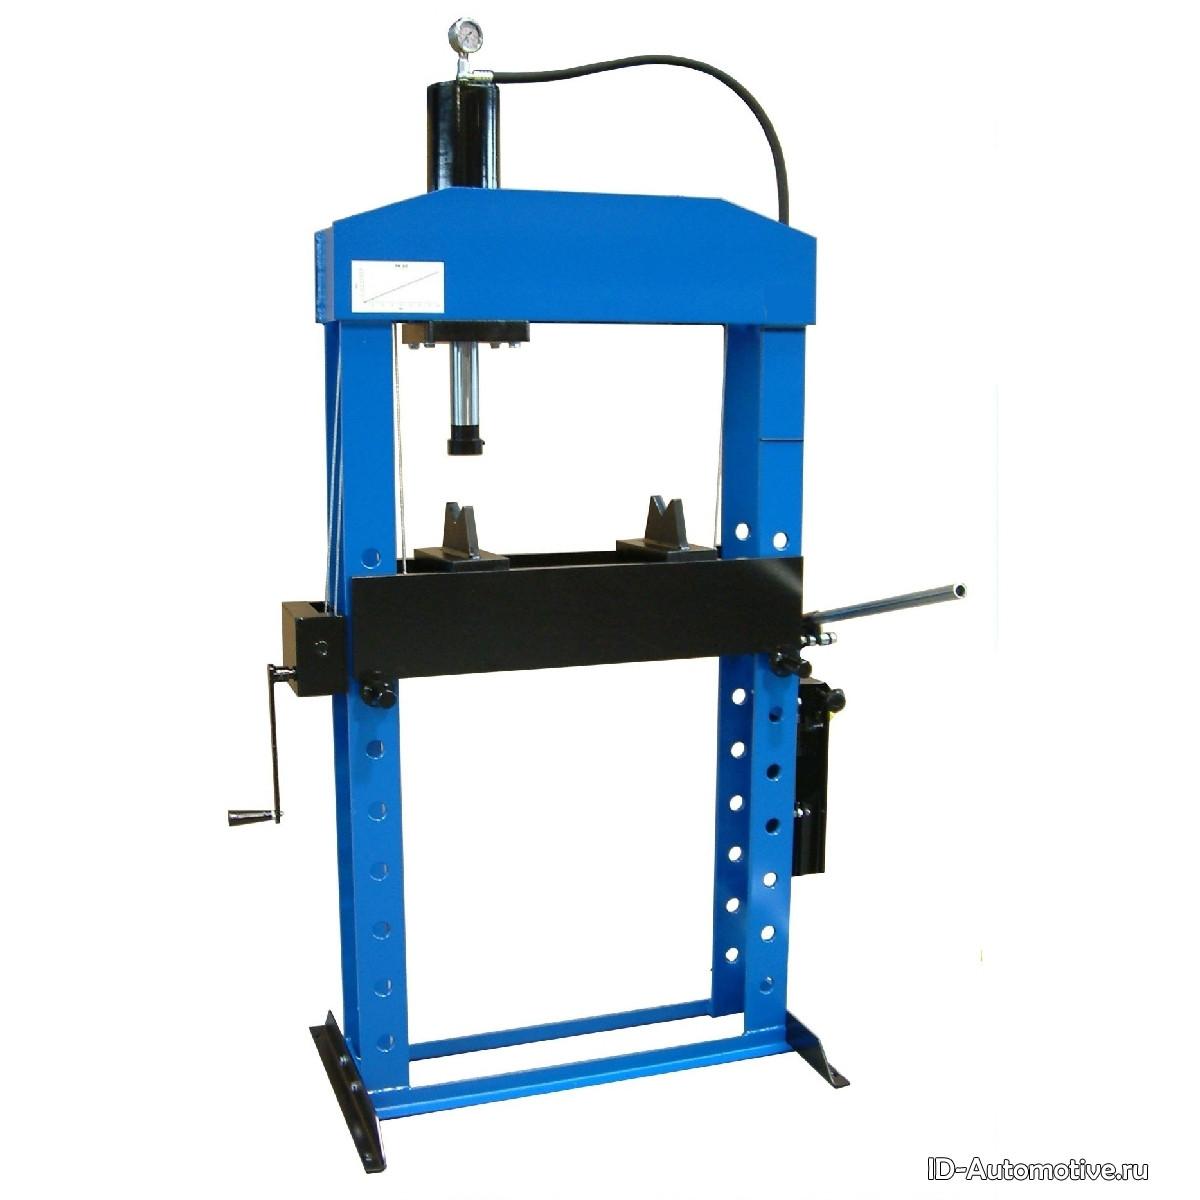 Гидравлический пресс, напольный, усилие 30т. WERTHER PR30/PM (OMA656B)